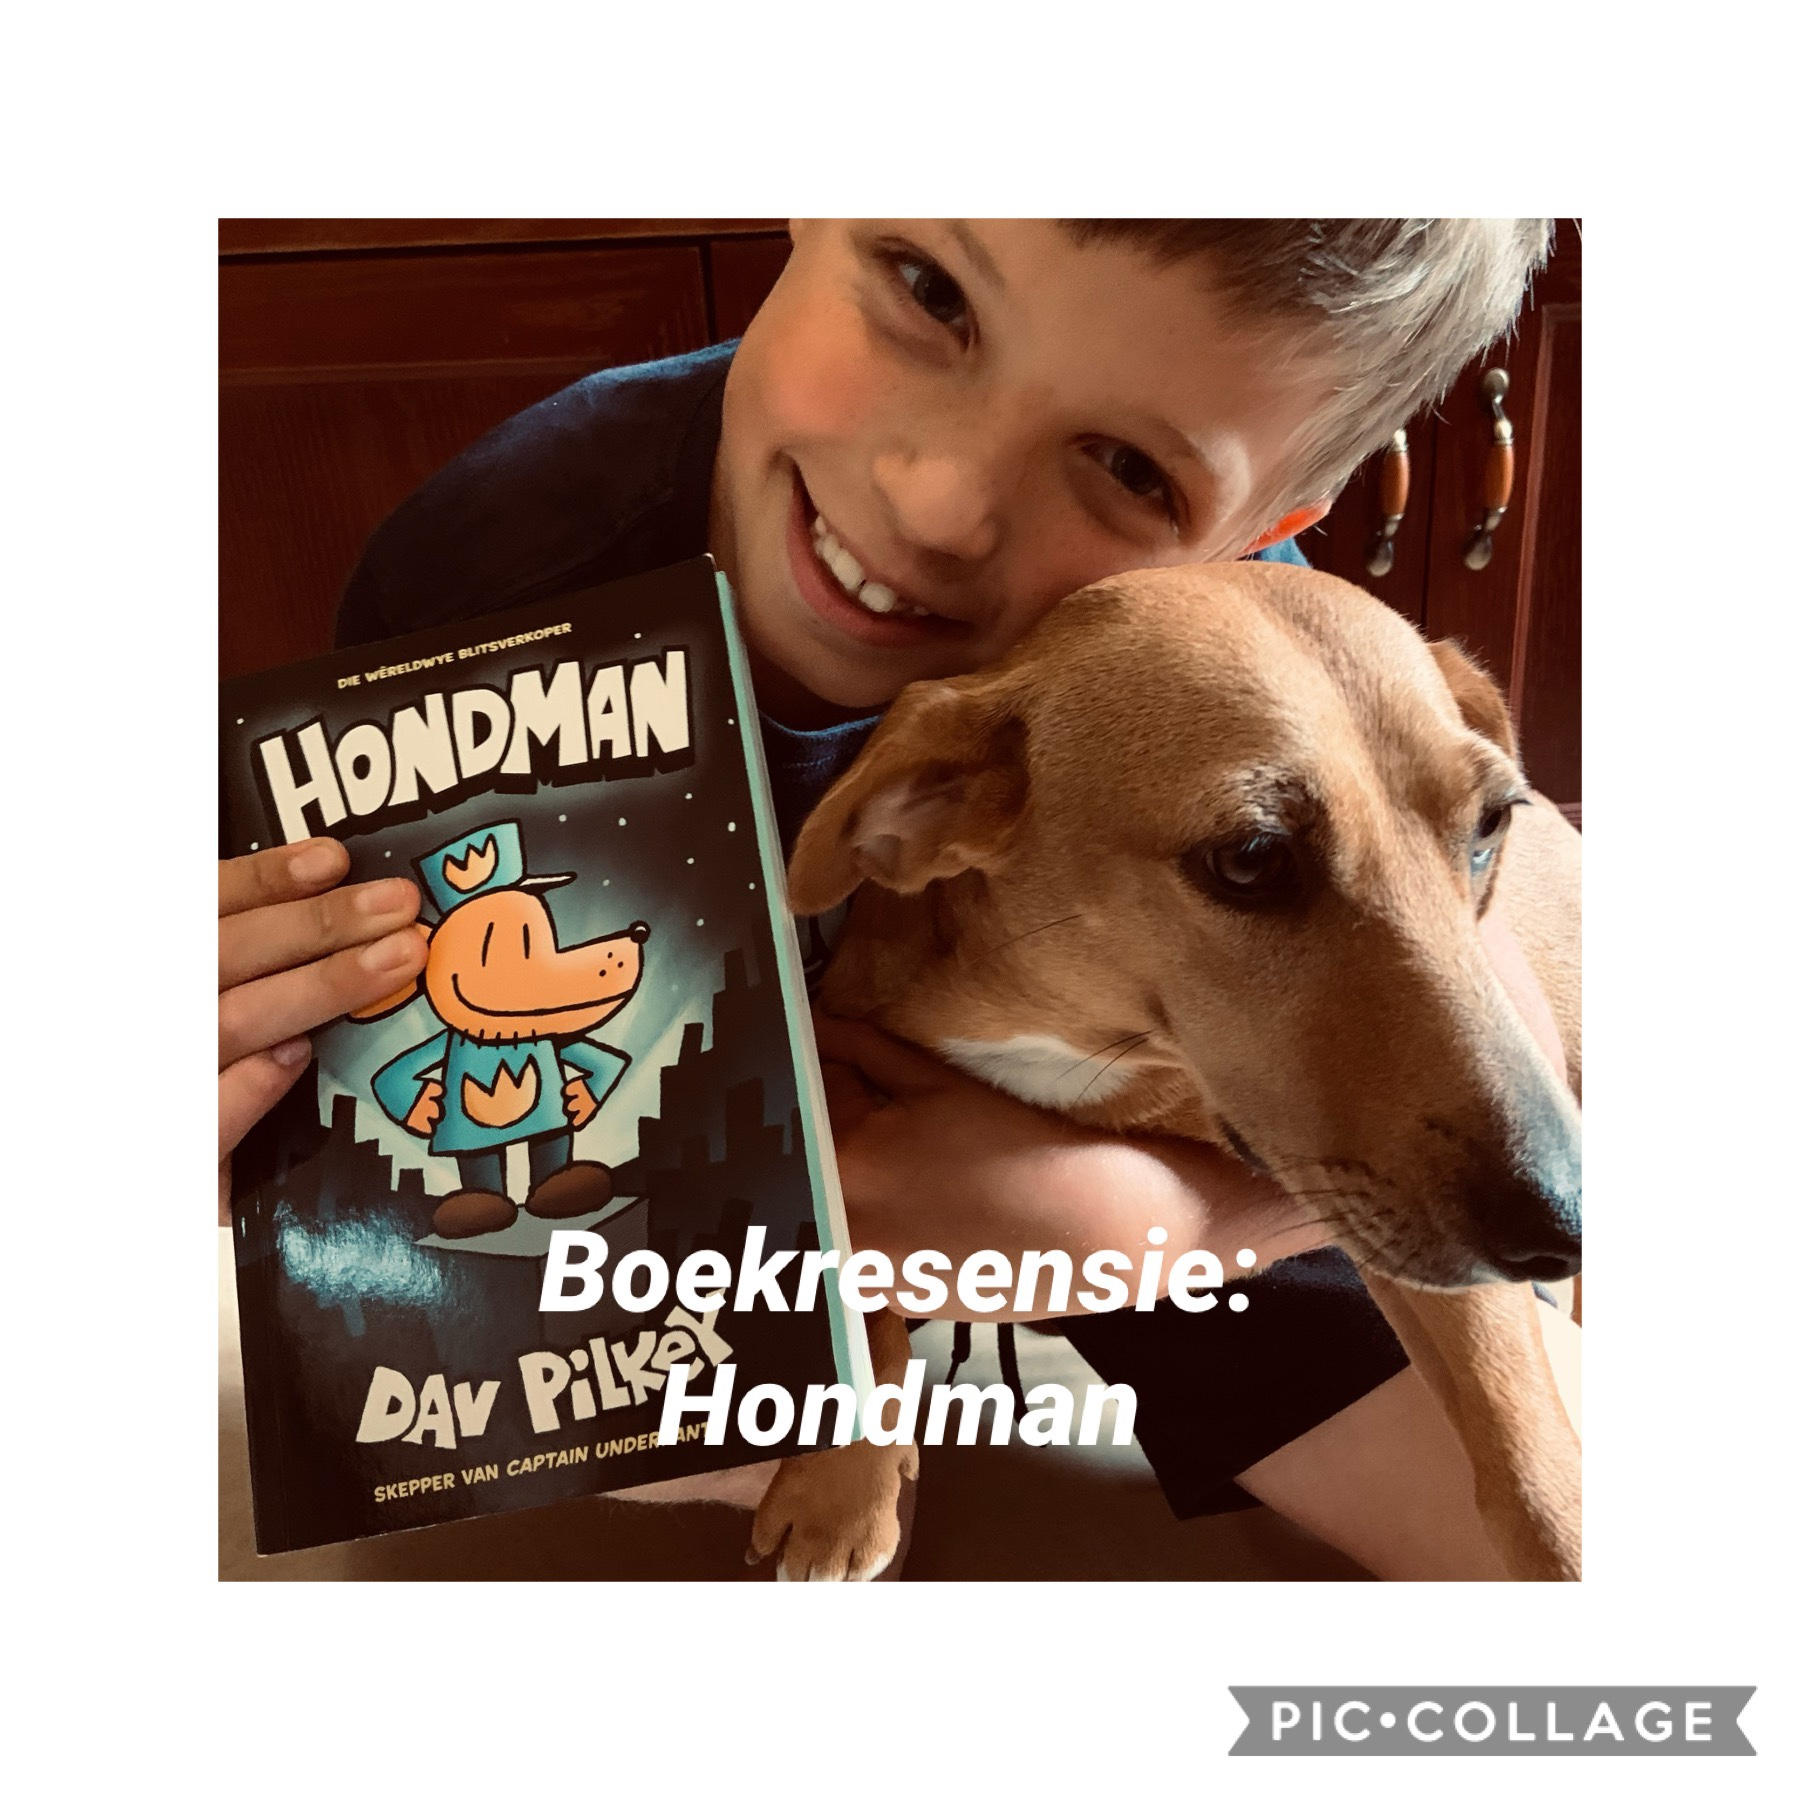 Boekresensie: Hondman